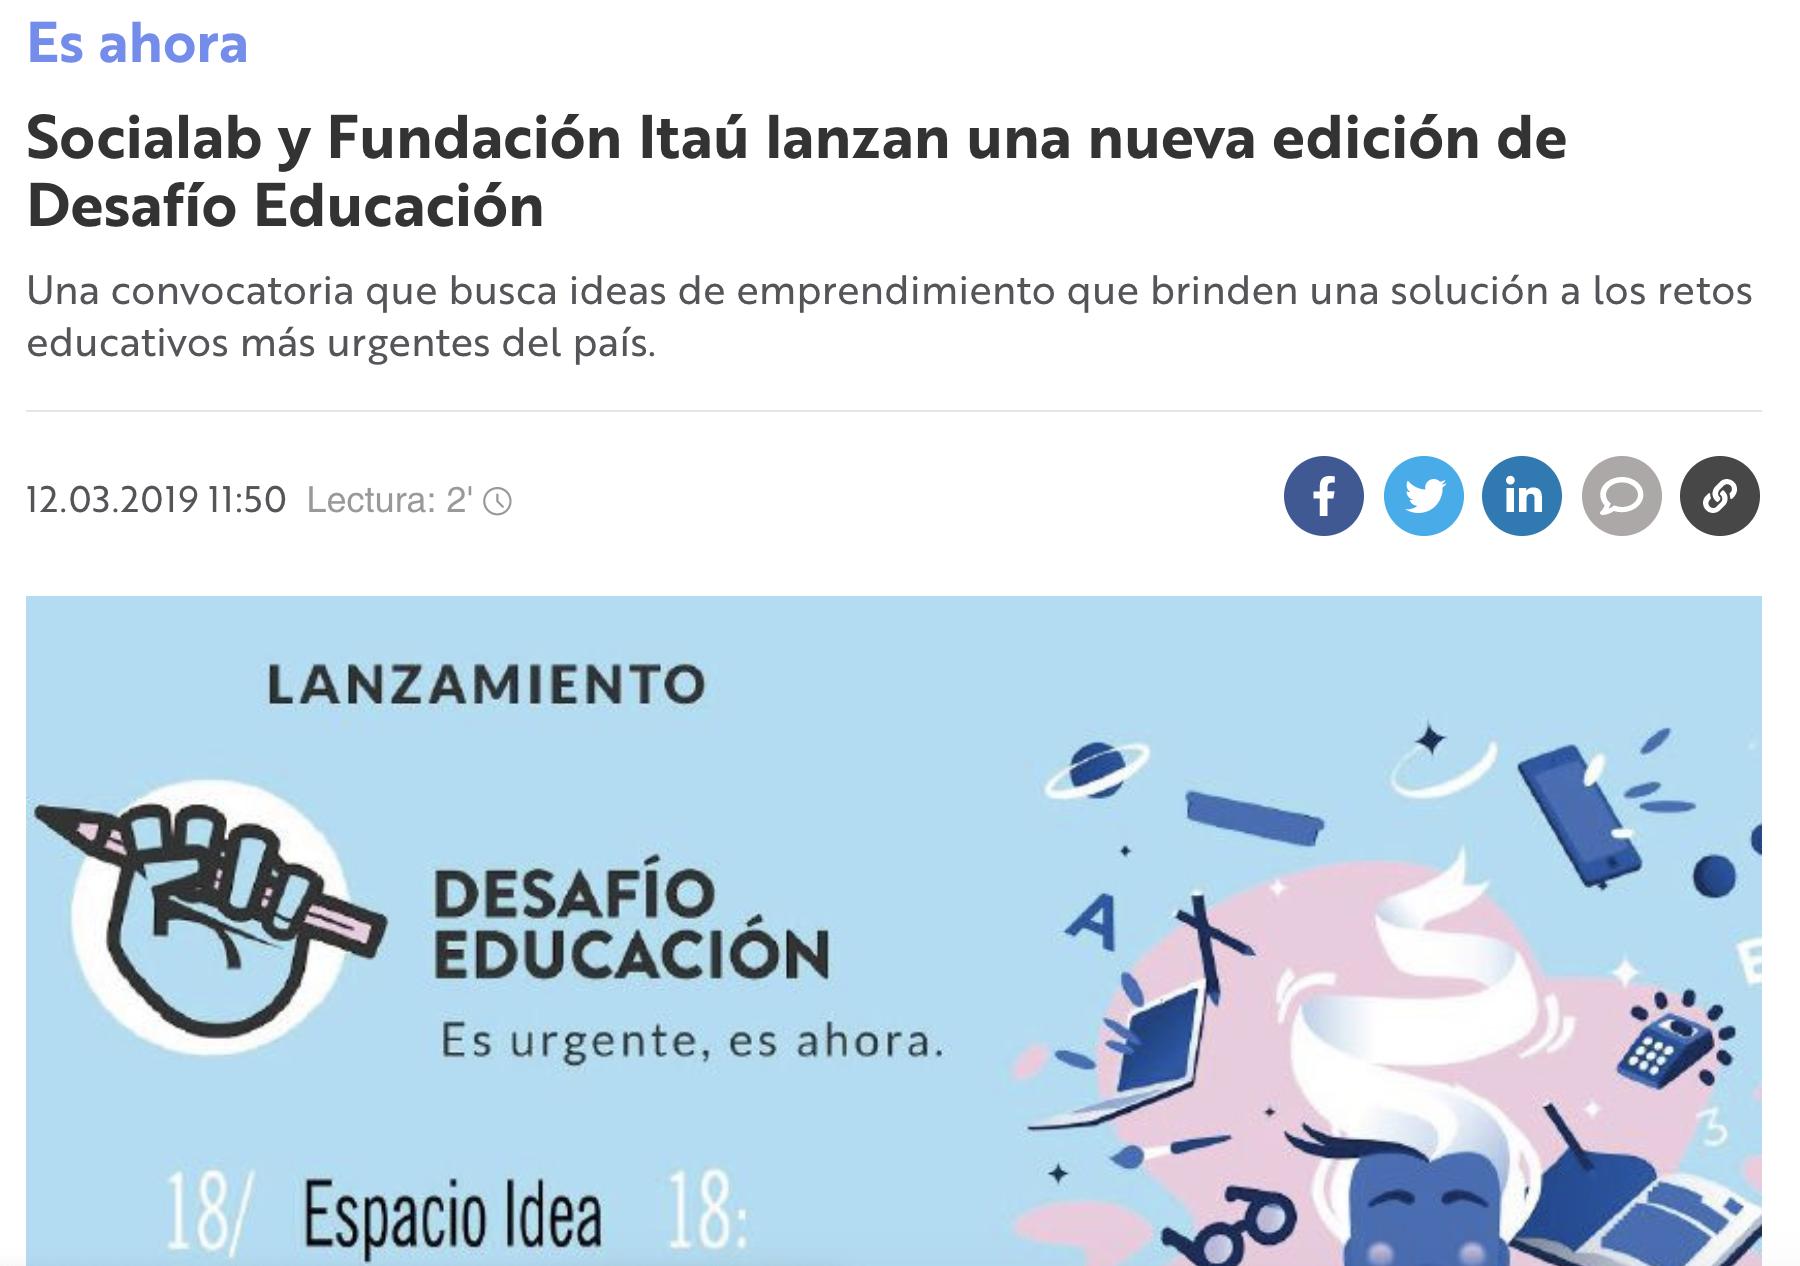 Socialab y Fundación Itaú lanzan una nueva edición de Desafío Educación -